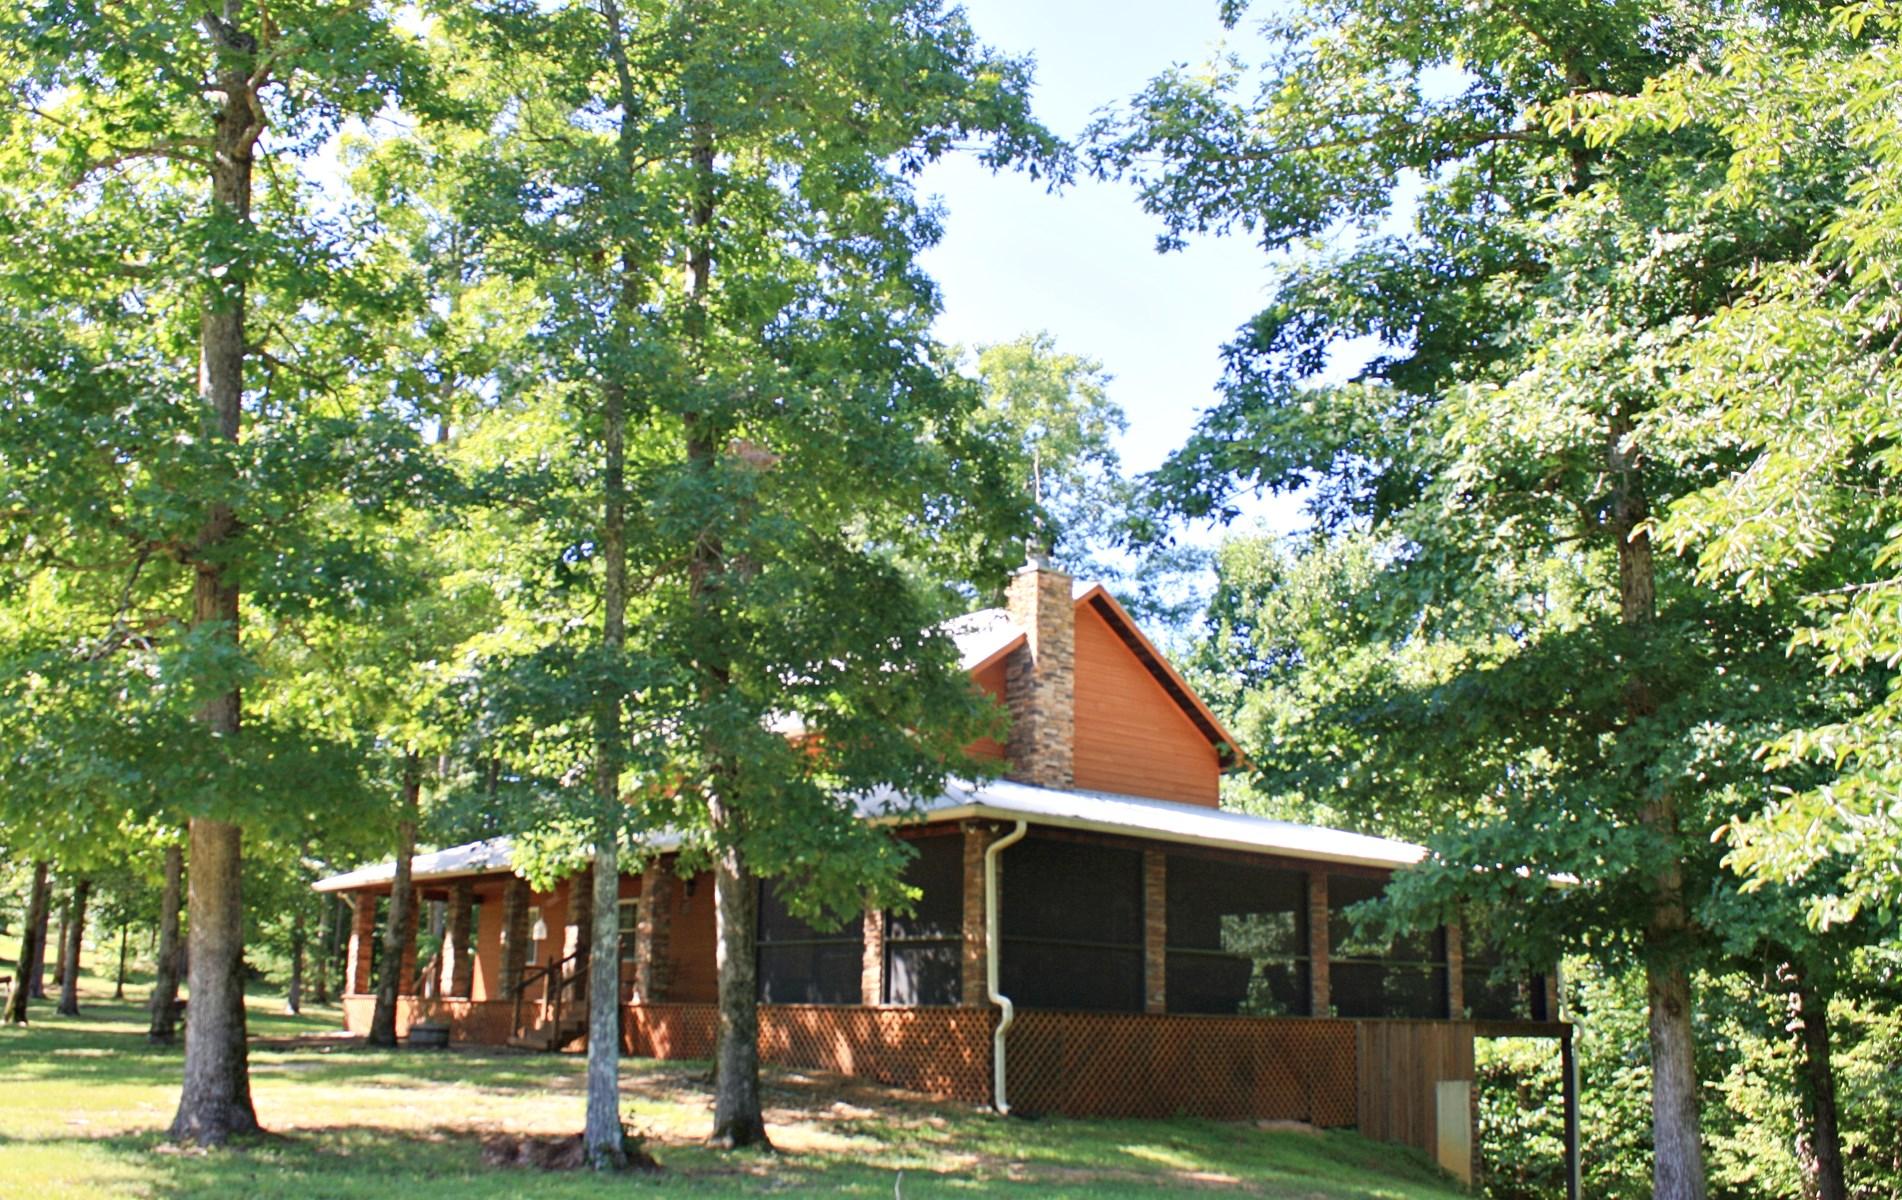 3 Bedroom 3 Bath Geothermal Home w/ Pond & Creek & 31.07 AC